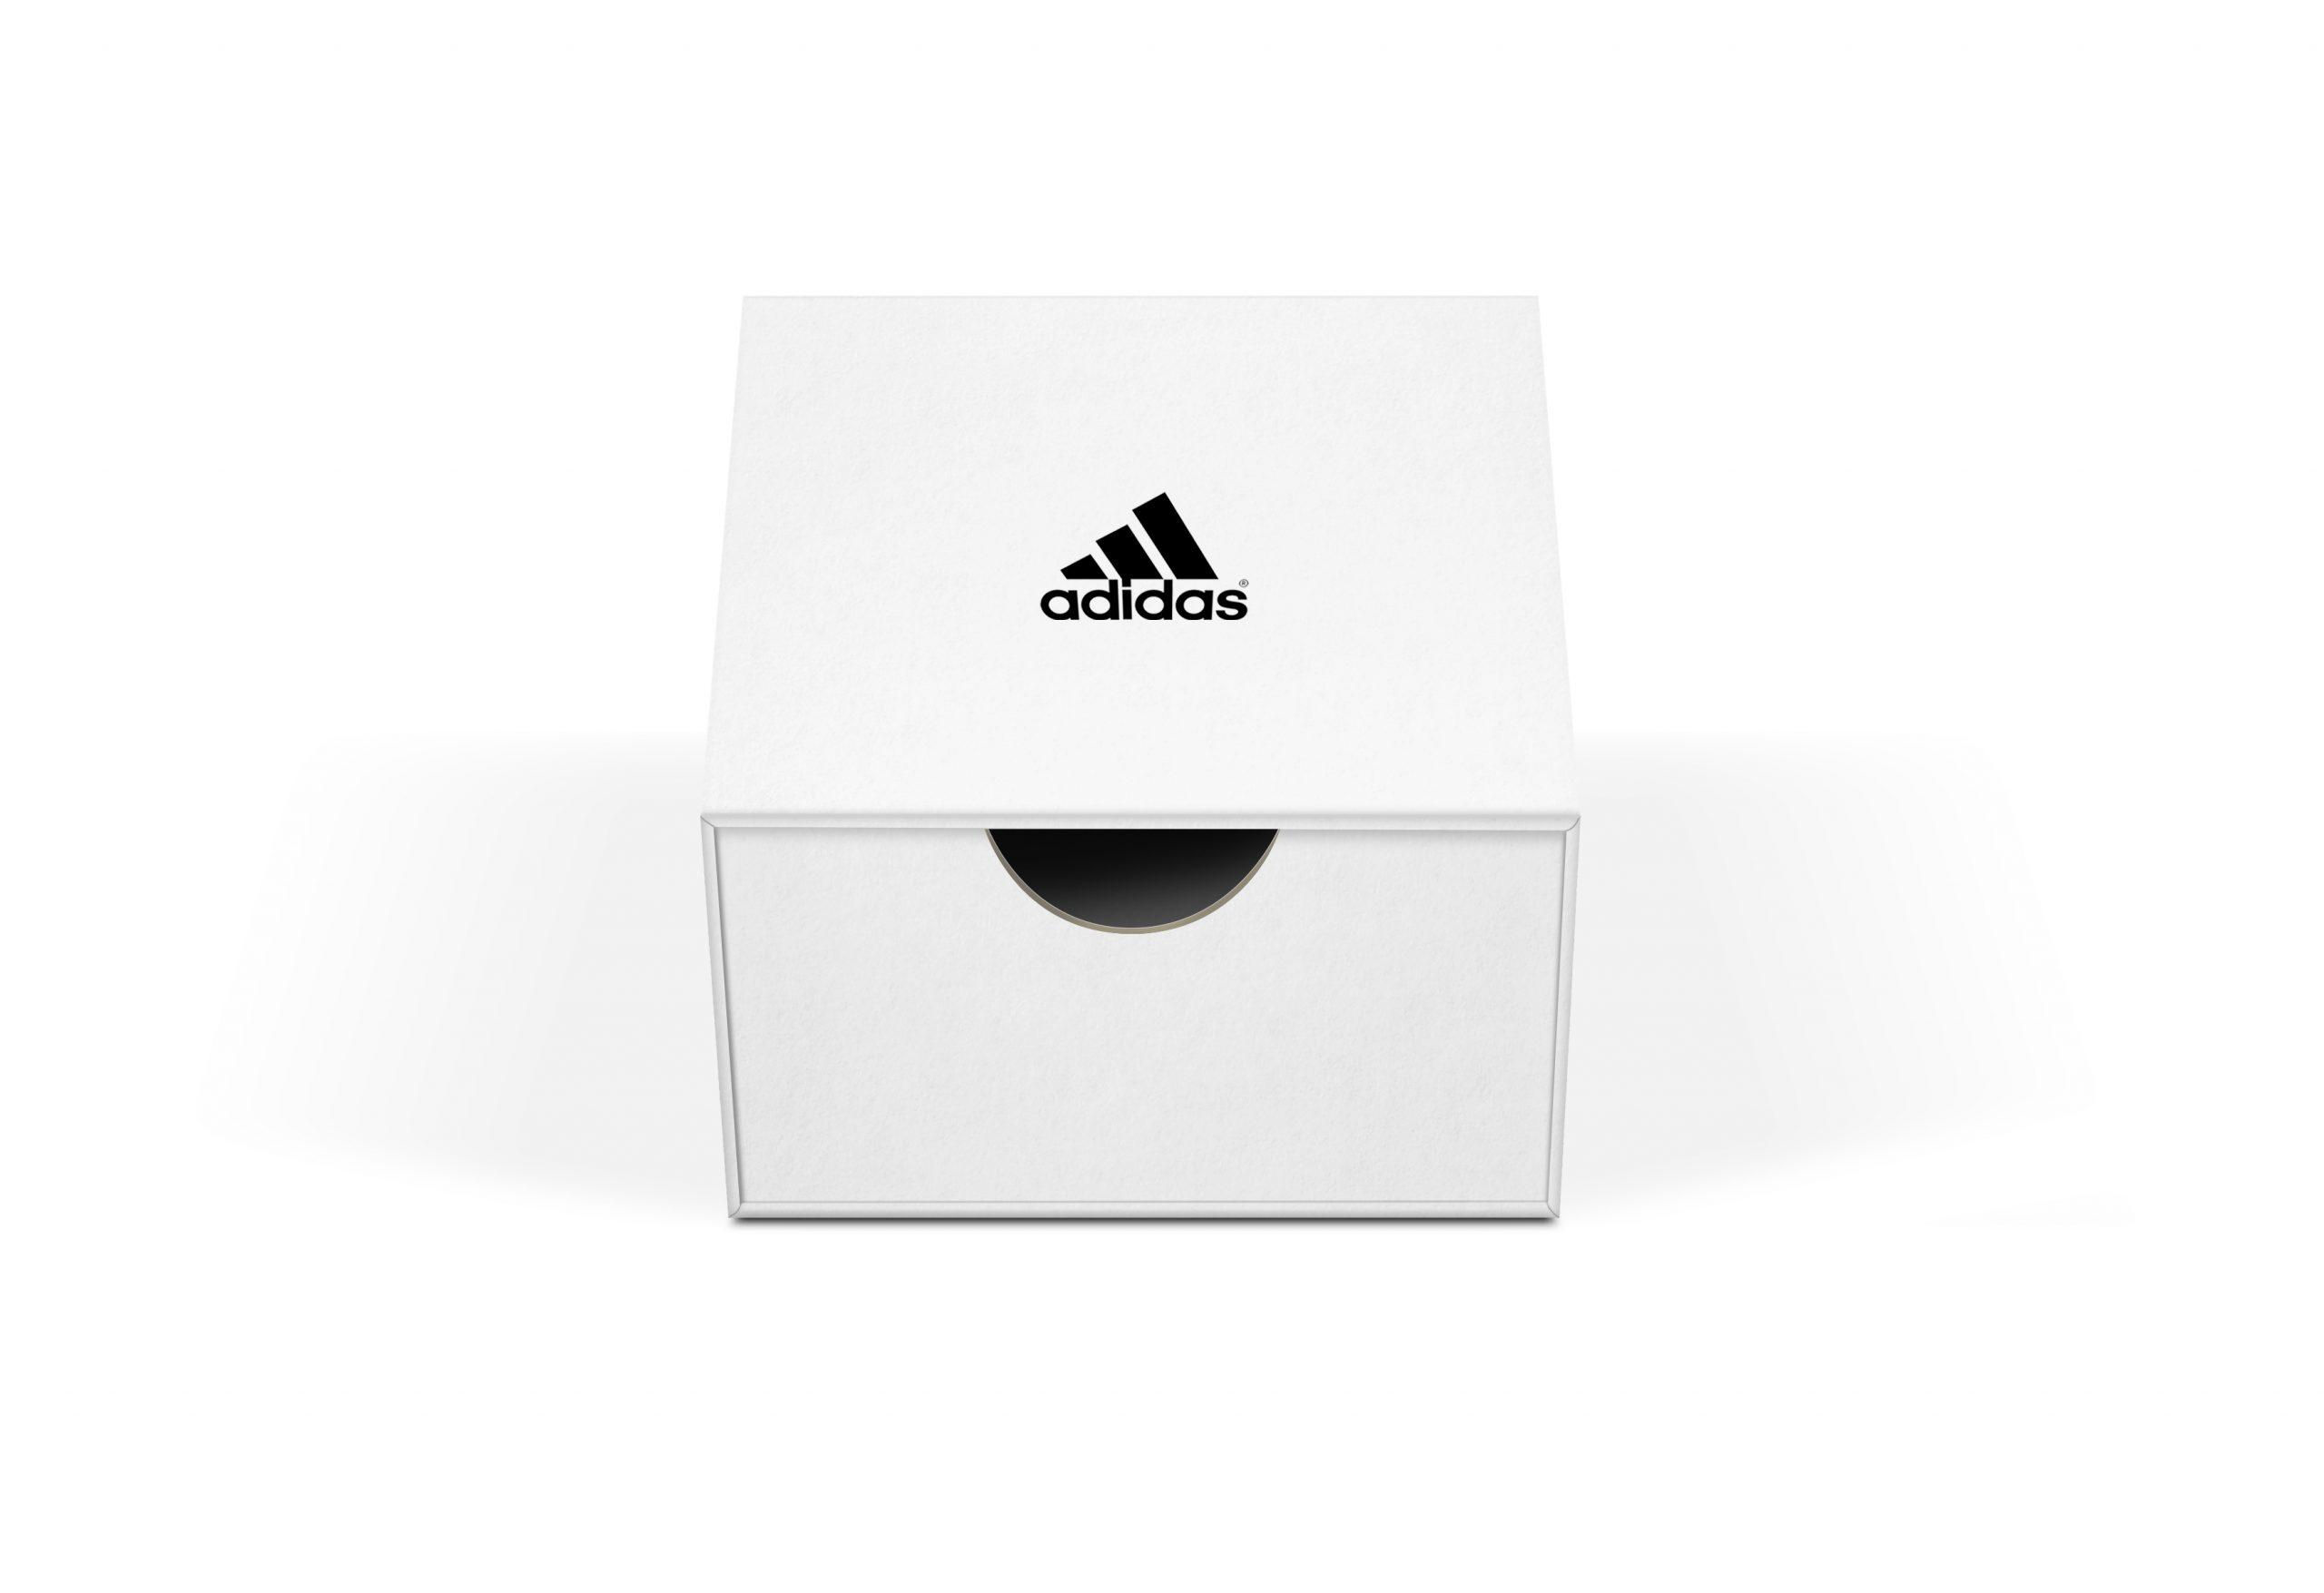 Adidas_embalagem_com_gaveta